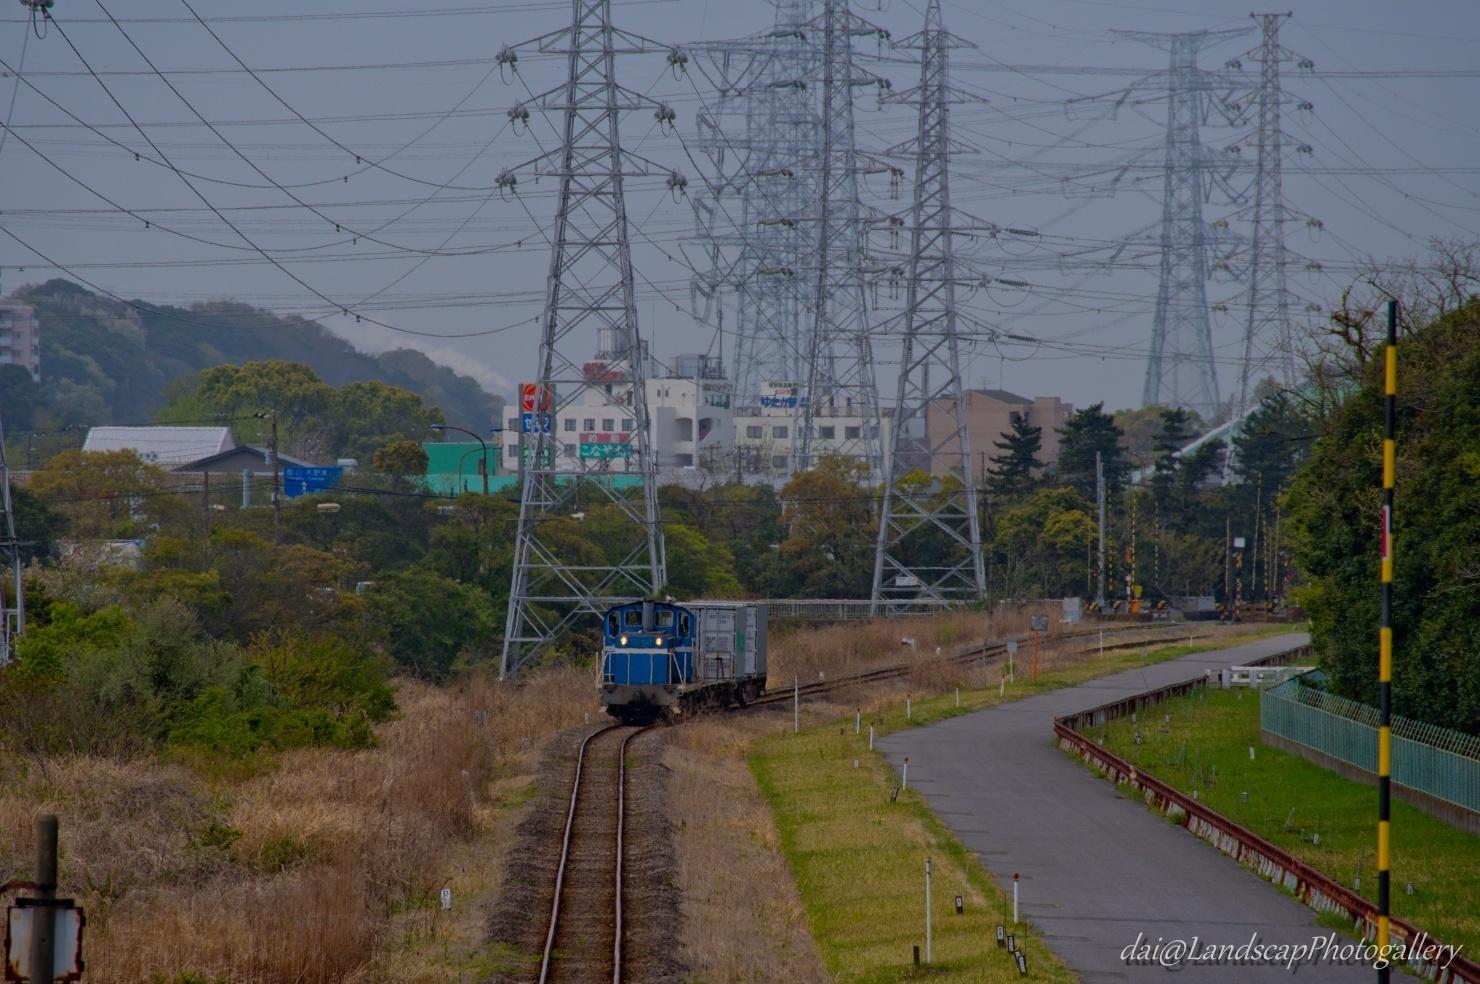 京葉臨海鉄道貨物列車風景